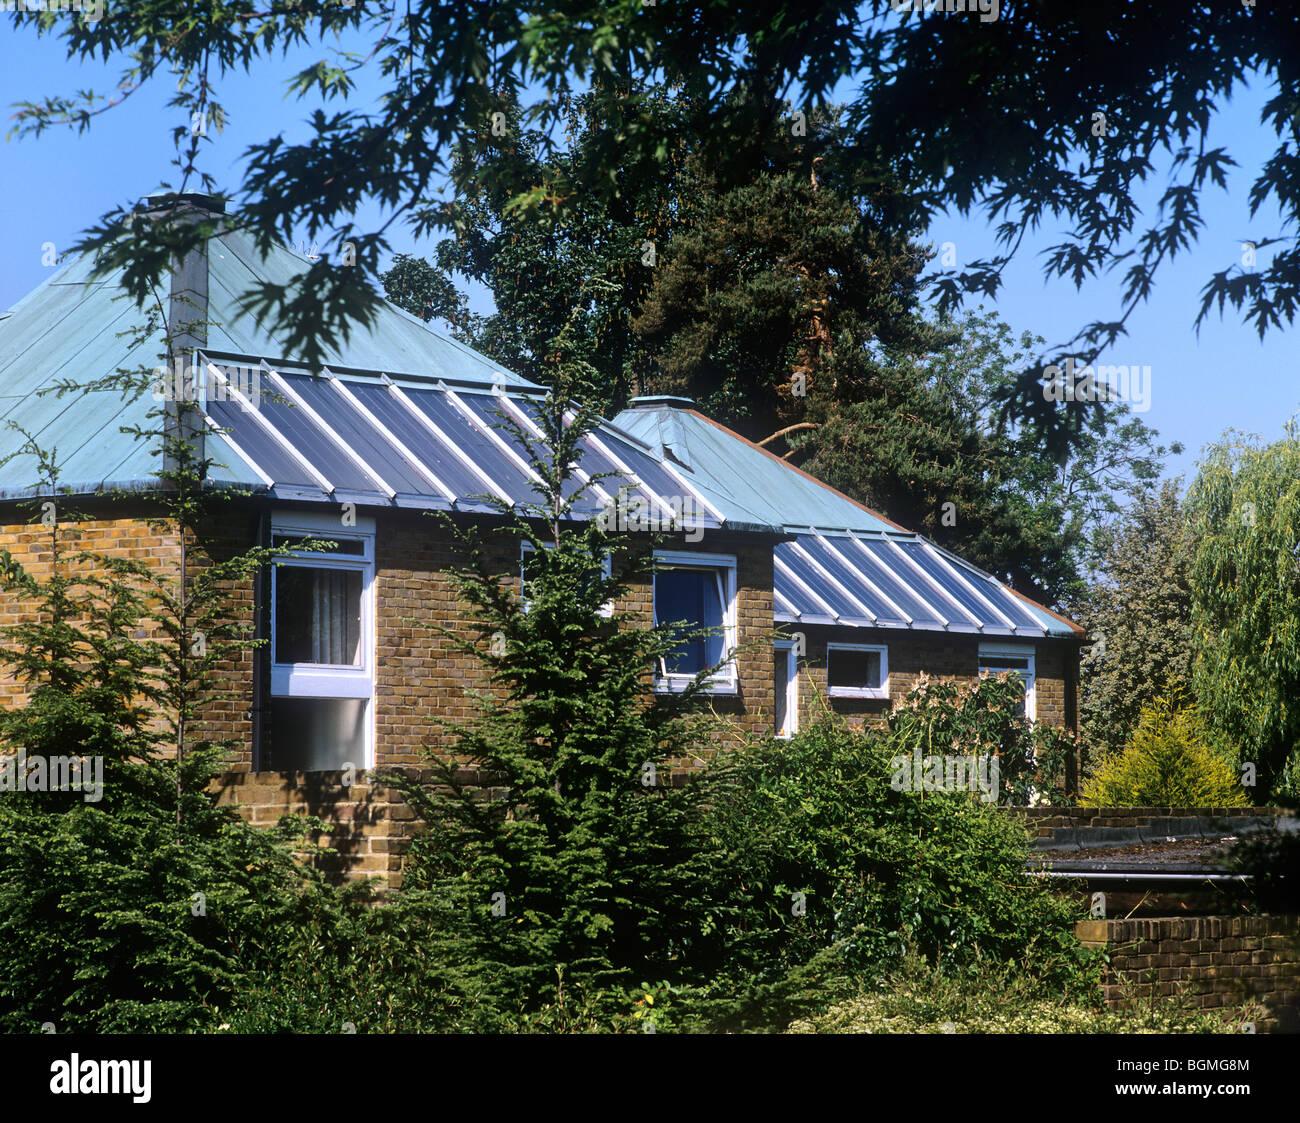 Paneles solares para calentar agua integradas en los tejados de las casas en Crofters Mead, Forestdale, Croydon. Imagen De Stock